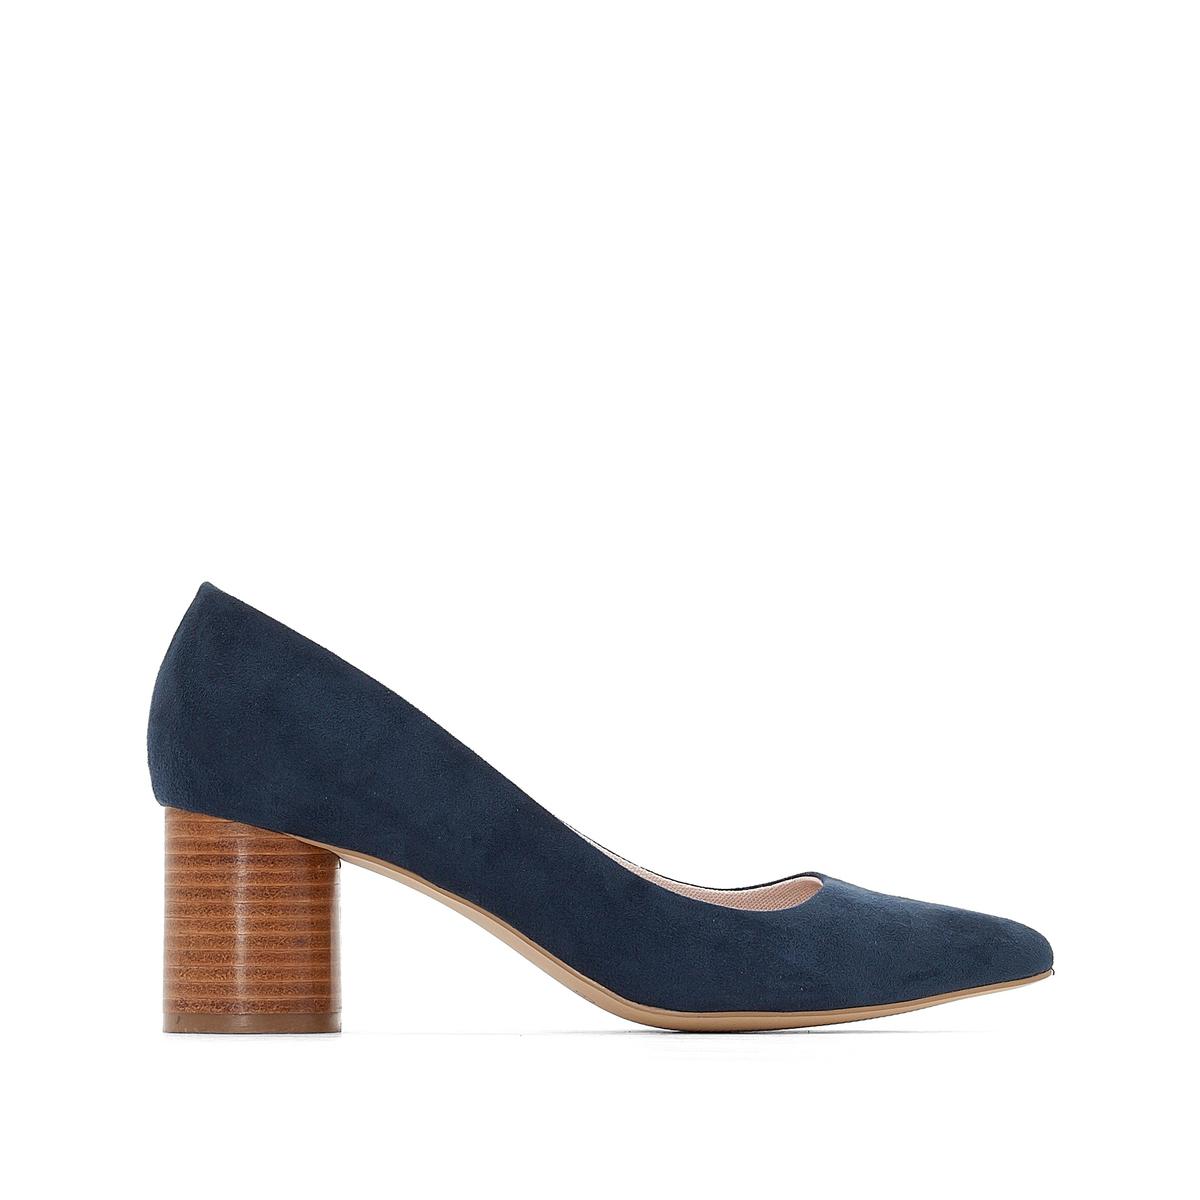 Туфли с круглым каблукомДетали   •  Широкий каблук •  Высота каблука : 5,5 см •  Застежка : ремешок/пряжка •  Круглый мысок •  Гладкая отделкаСостав и уход   •  Верх 100% полиэстер •  Подкладка 100% полиэстер •  Стелька 100% кожа<br><br>Цвет: синий,черный